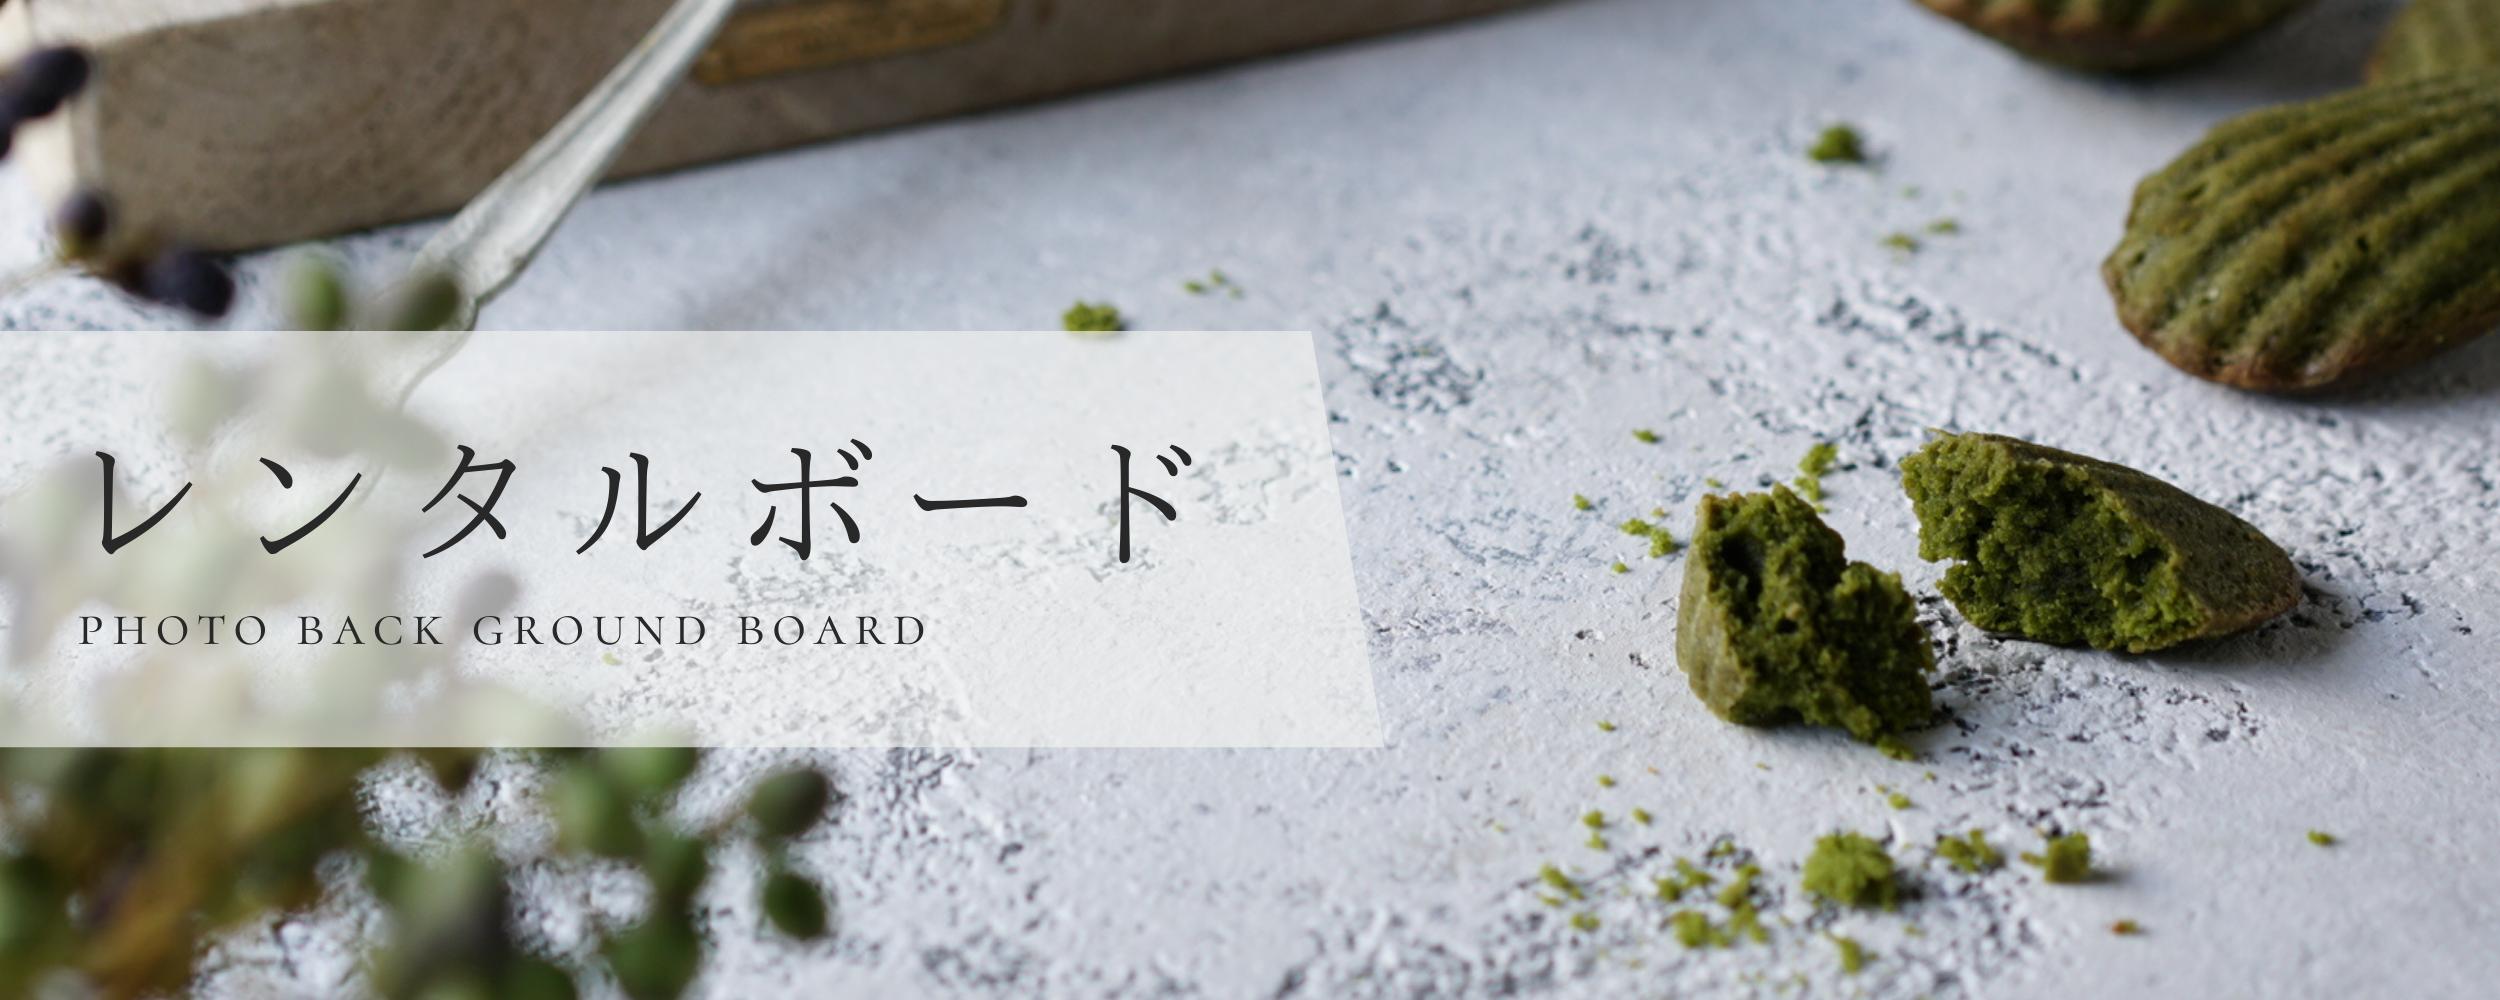 撮影ボードをレンタルできる大阪の撮影スタジオ